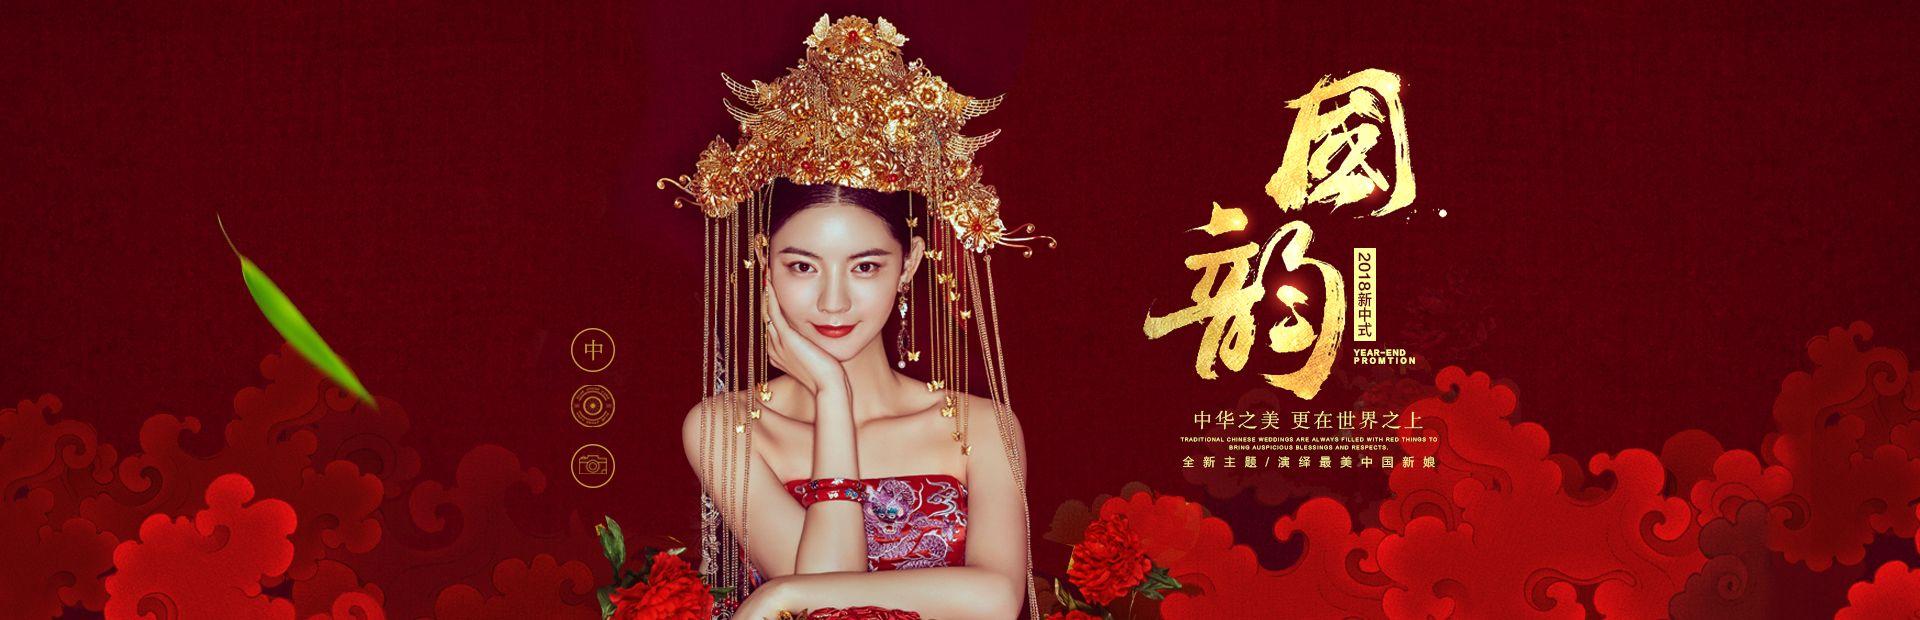 2018新中式-国韵(顶部幻灯片)